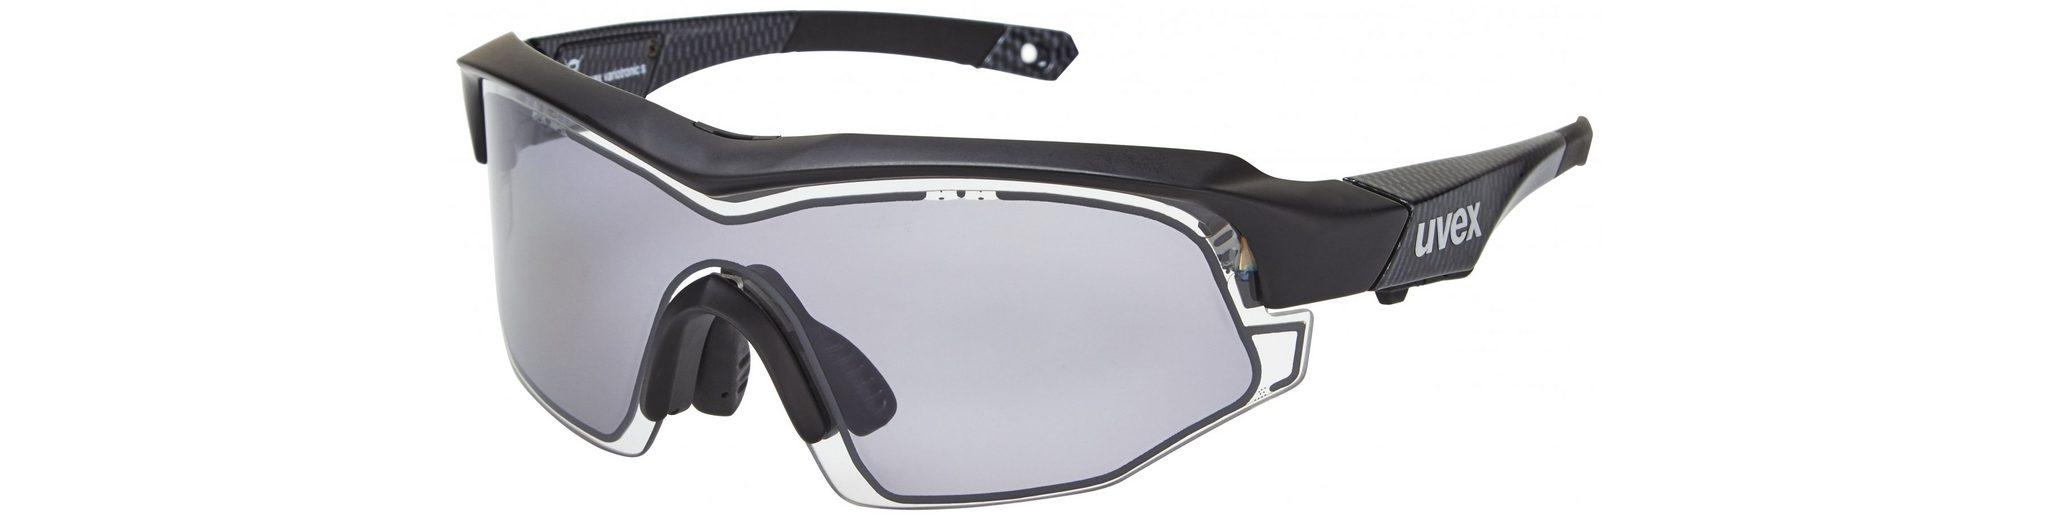 UVEX Radsportbrille »variotronic s Brille«